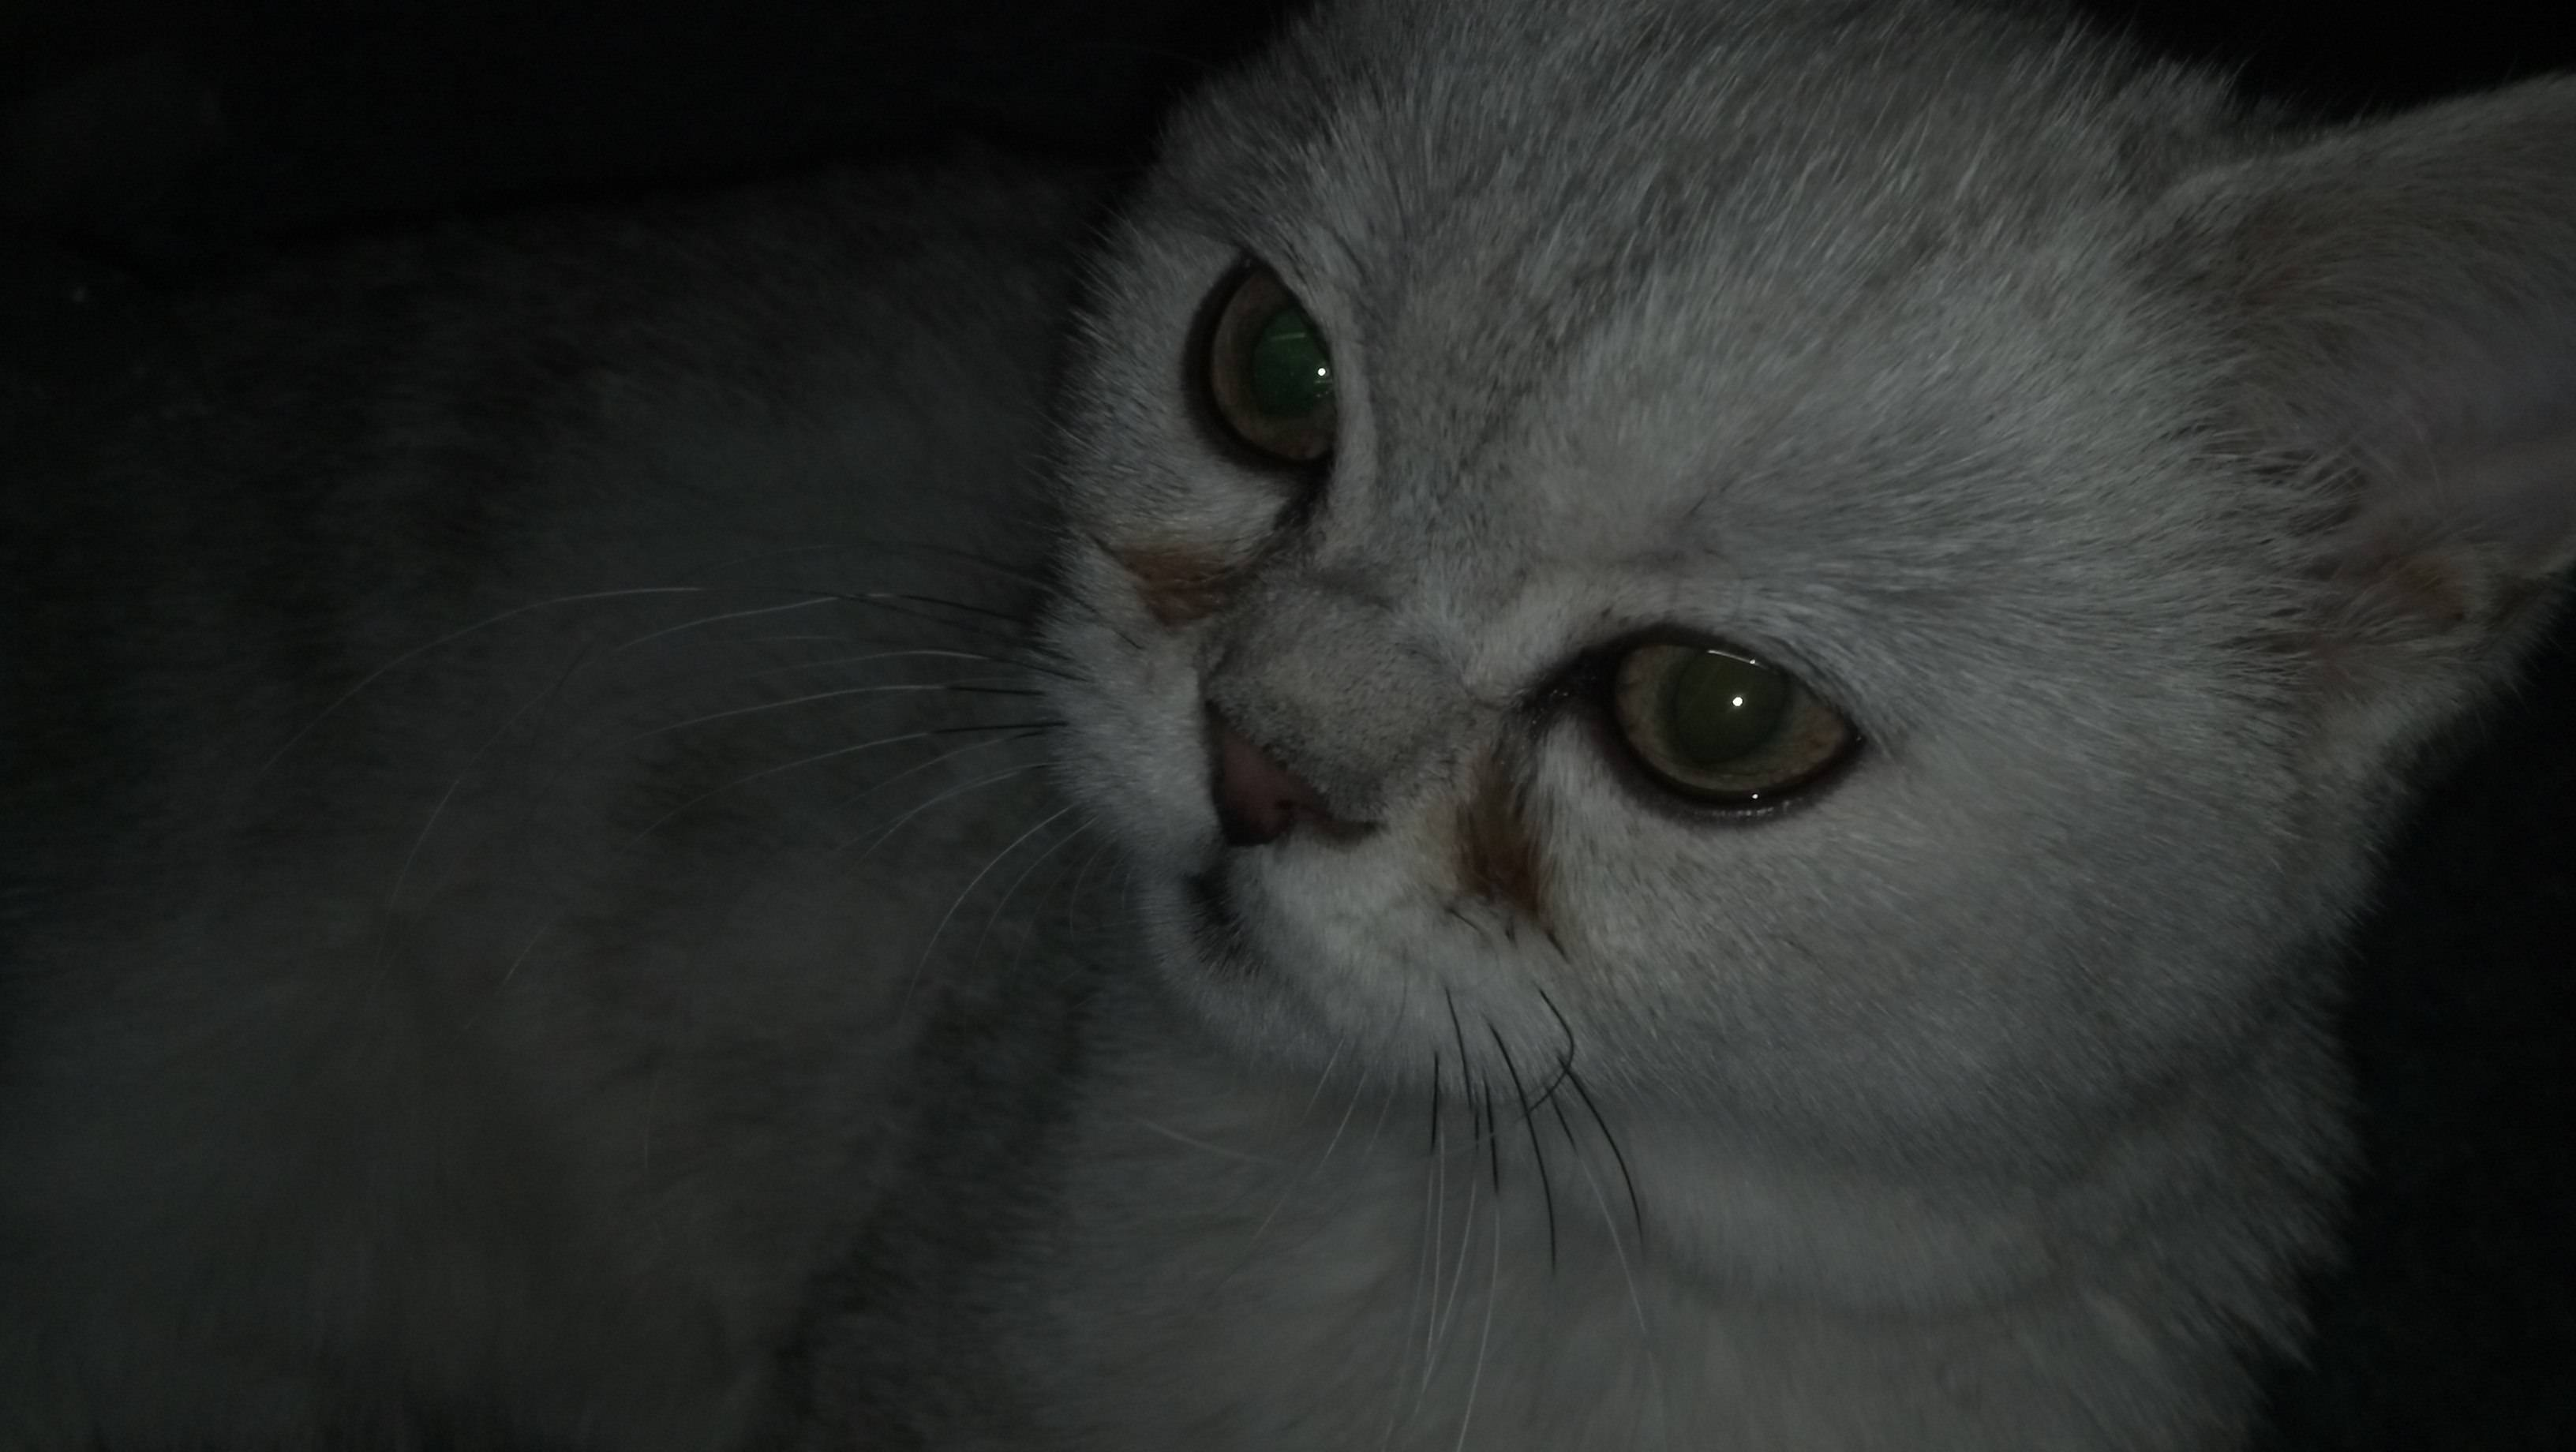 У кошки после еды слезятся глаза: причины, породные особенности, возможные патологии, что делать